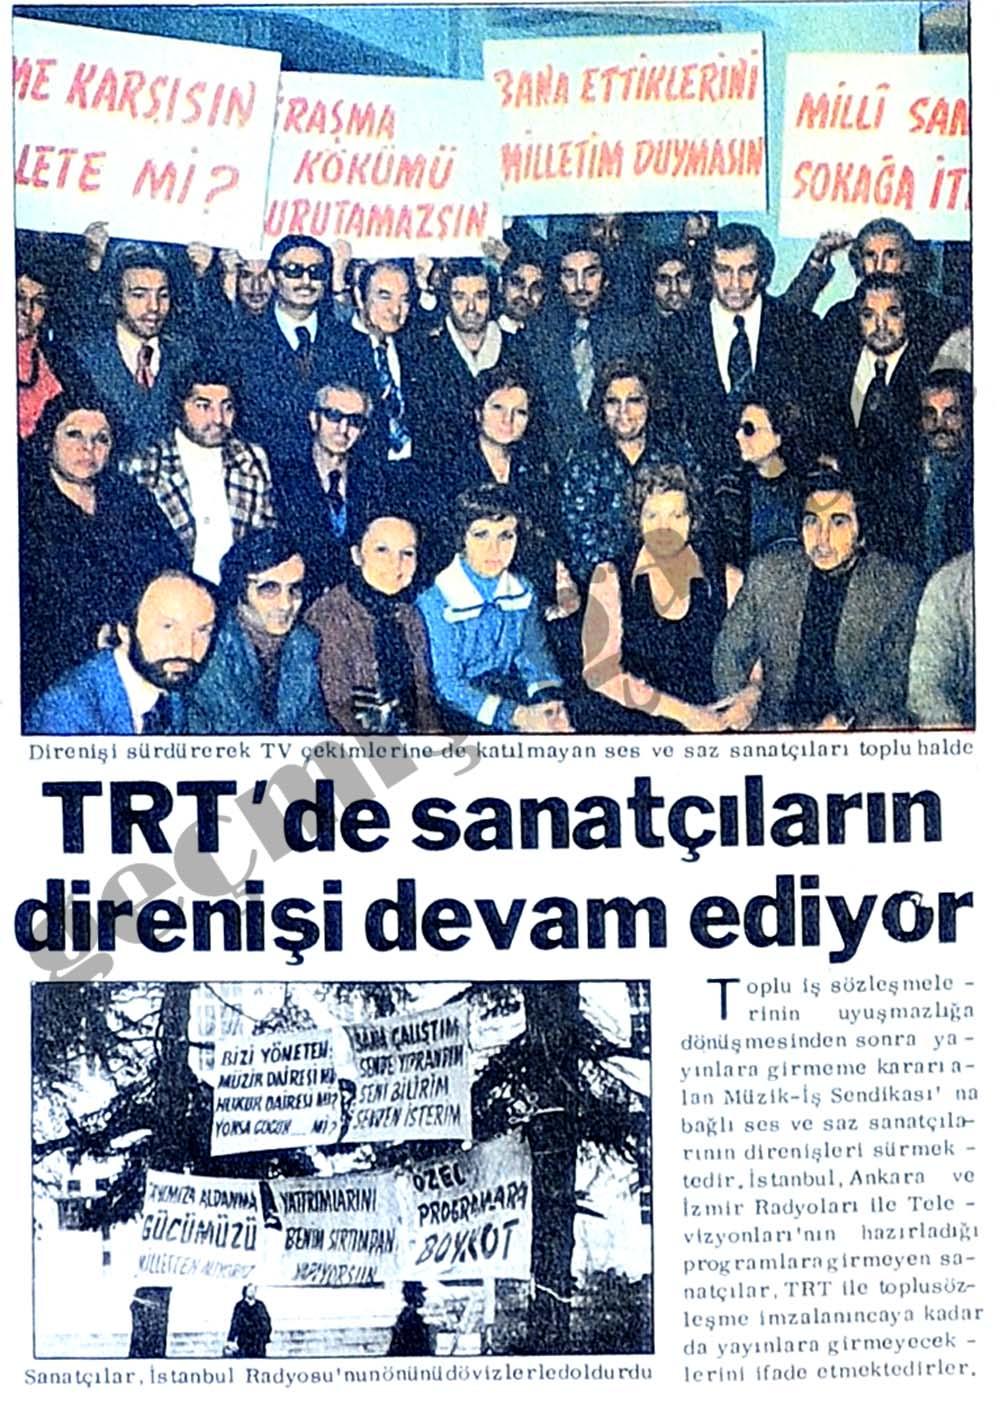 TRT'de sanatçıların direnişi devam ediyor